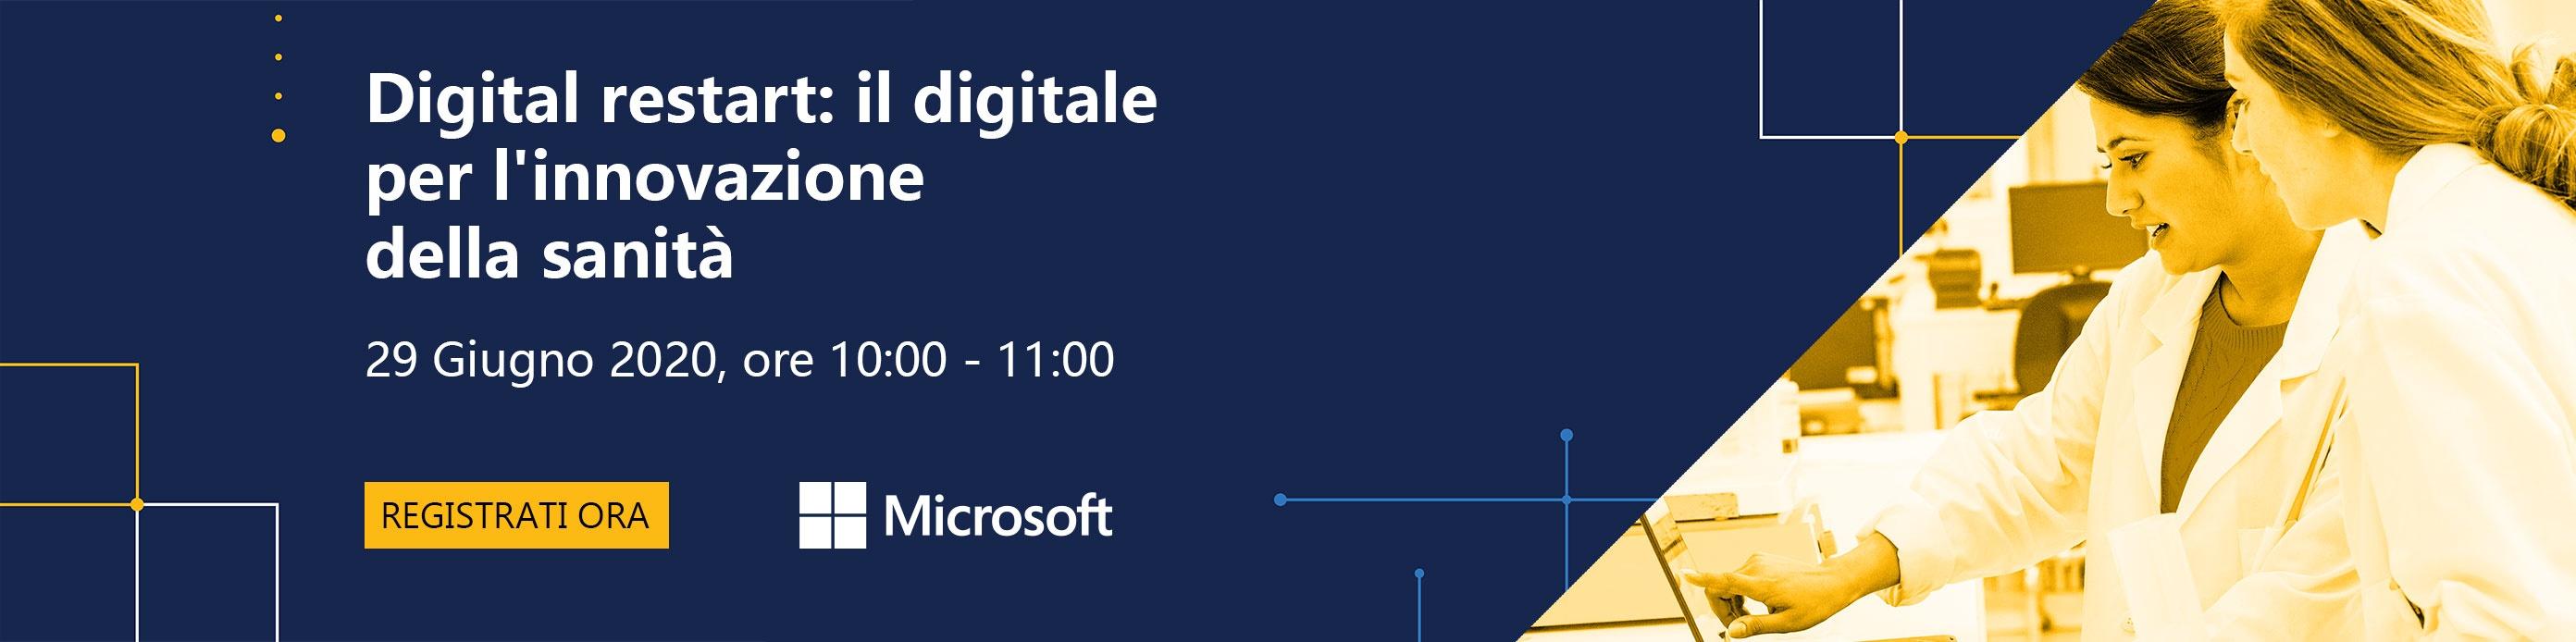 29 Giugno 2020, ore 10:00 – 11:00 Digital restart: il digitale per l'innovazione della sanità